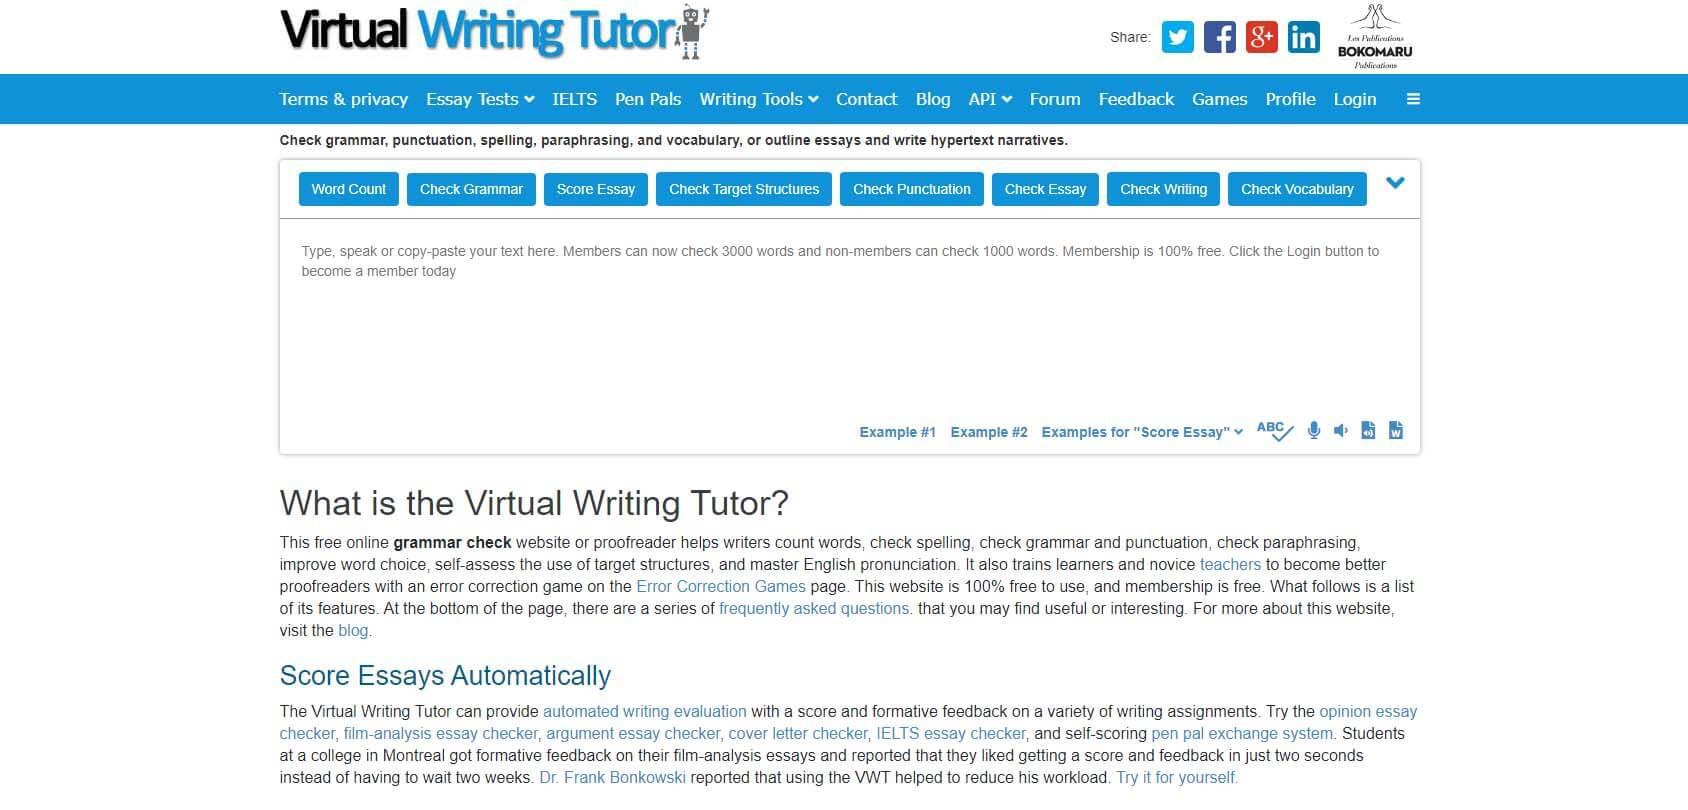 Virtual Writing Tutor homepage